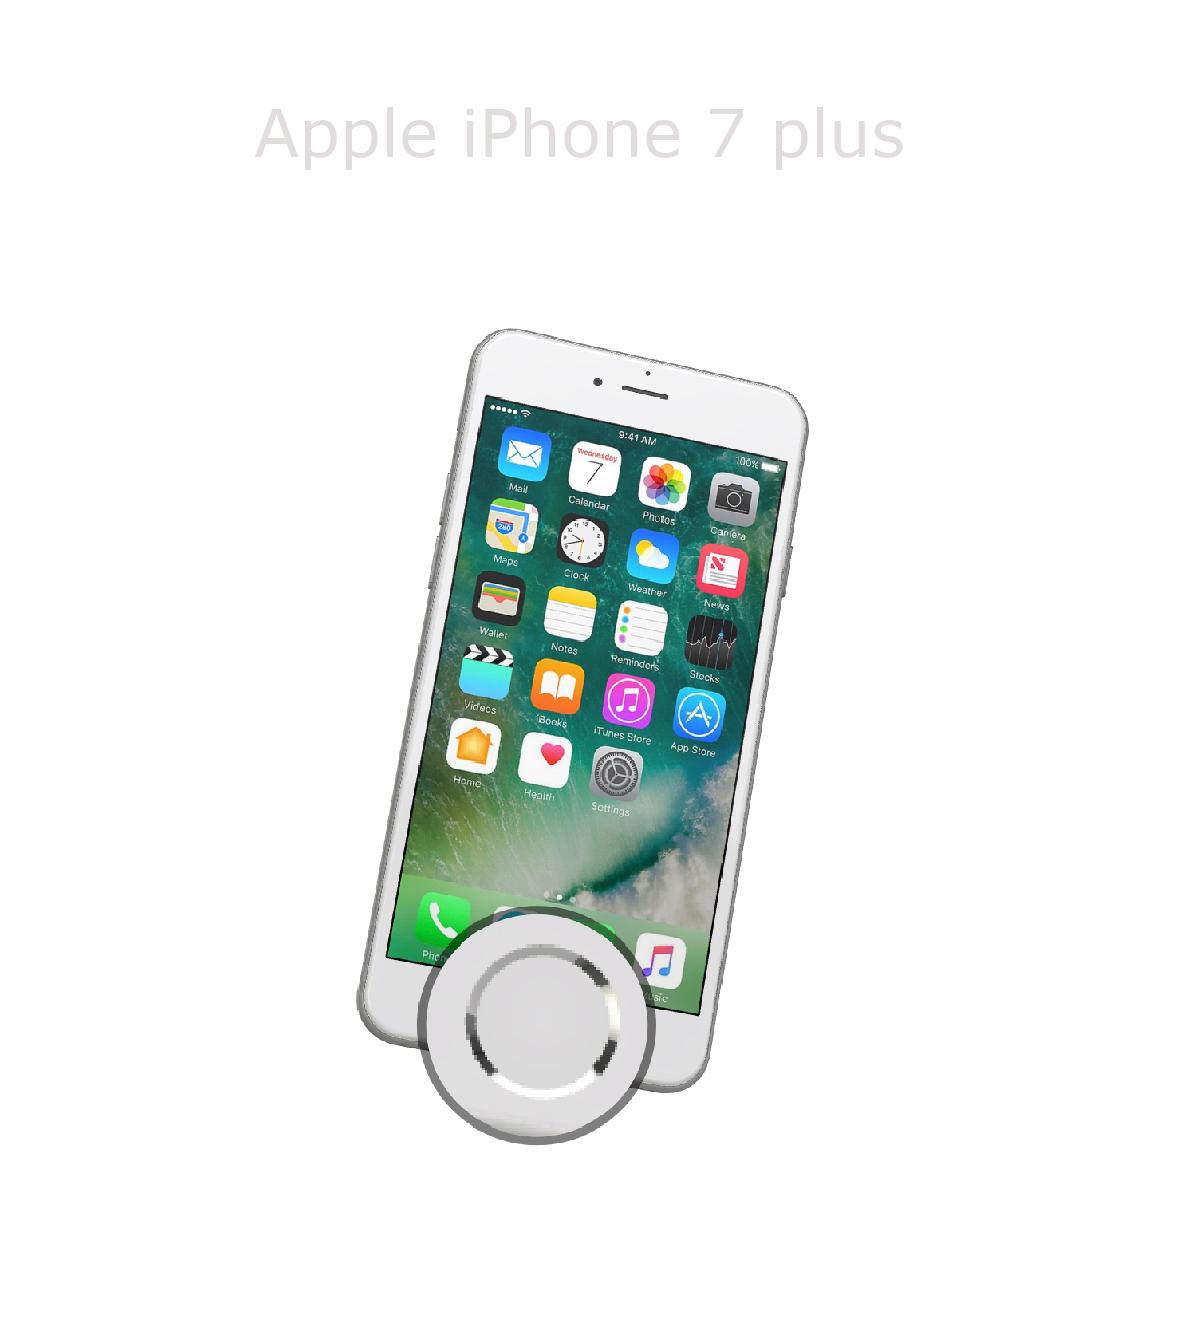 Laga hemknapp iPhone 7 plus